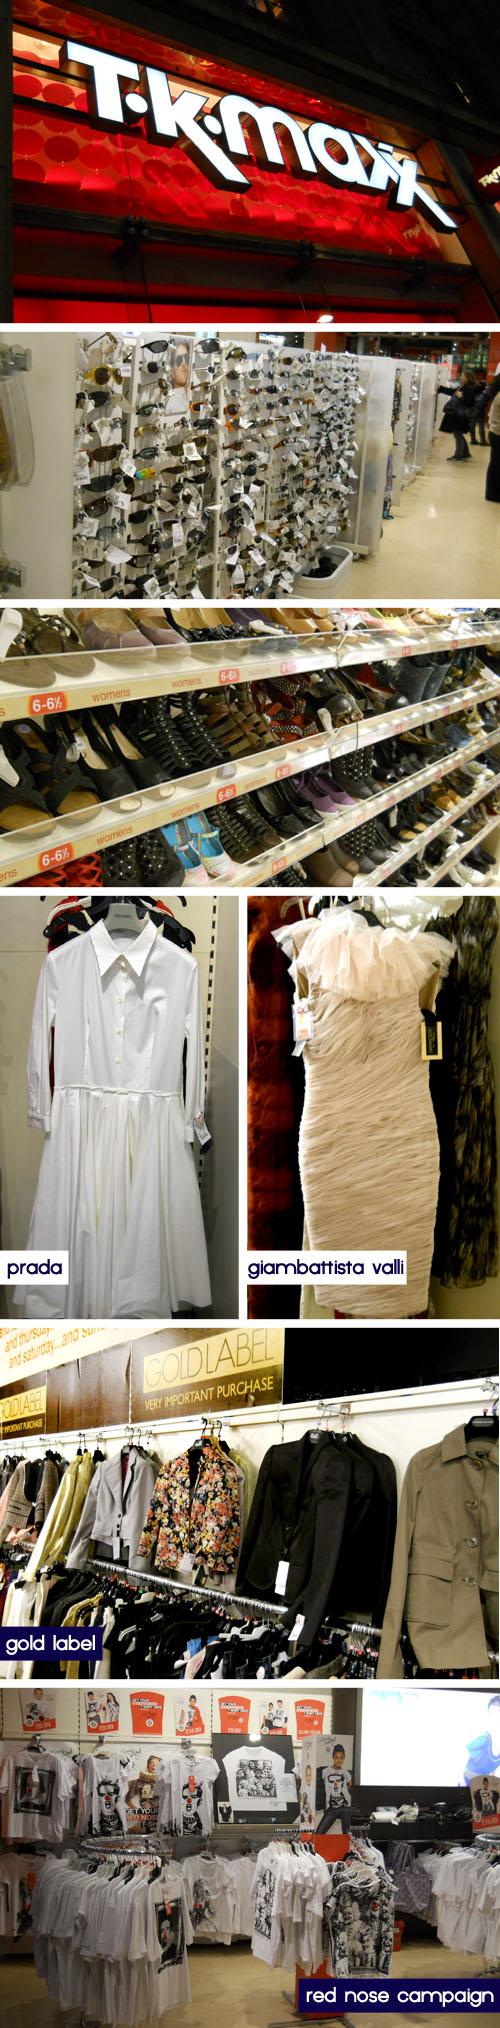 """598276edf Eles vendem de tudo: roupas, acessórios, chocolates, perfumes, cosméticos,  sapatos, carteiras… A promessa é """"grandes marcas por menos"""", ..."""